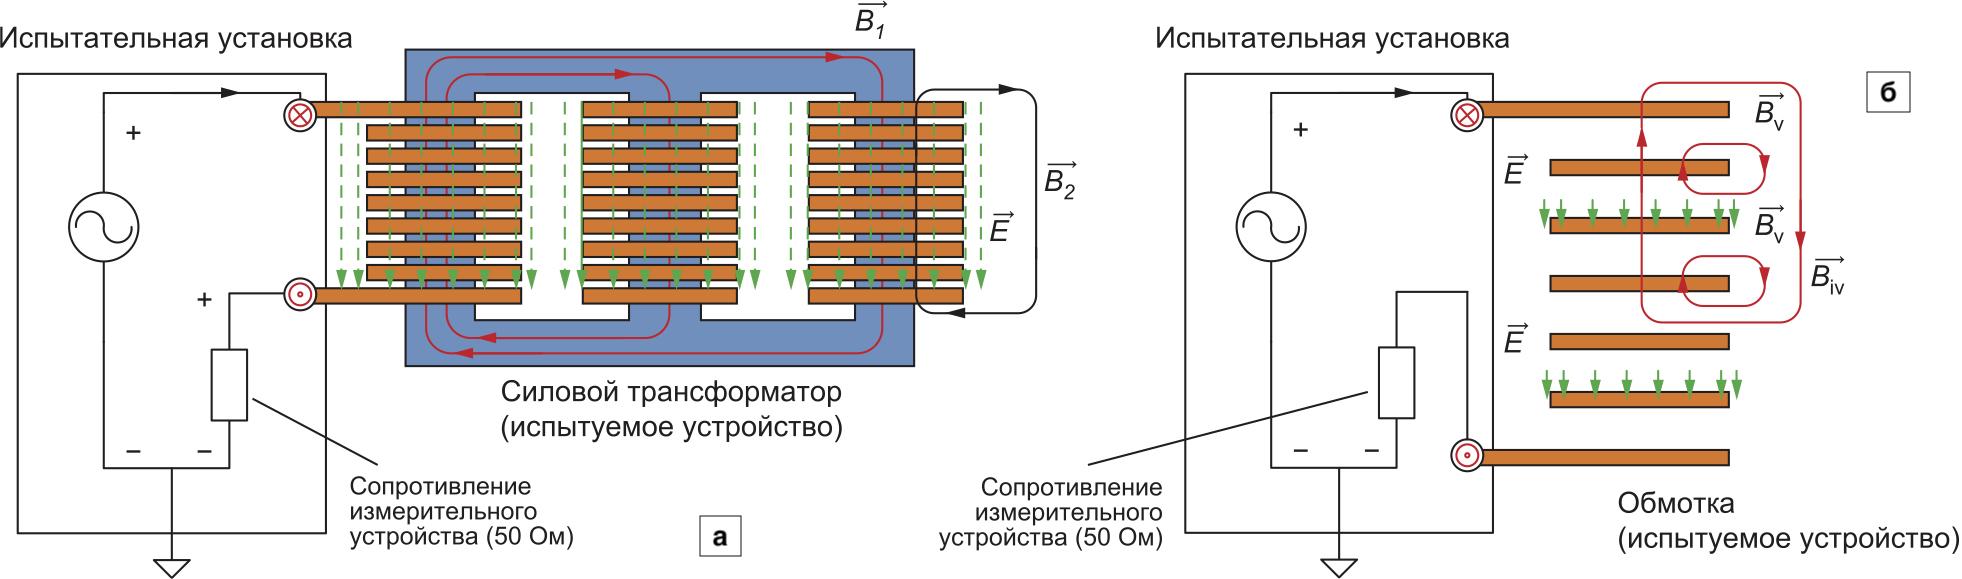 Распределение электромагнитного поля: а) в первой высокочастотной области рассматриваемой полосы частот (электрическое поле присутствует в обмотках Е, магнитное поле — в сердечнике B1 и на границе сердечник-диэлектрик); б) во второй высокочастотной области рассматриваемой полосы частот (магнитное и электрическое поле присутствует только в измеряемых обмотках)